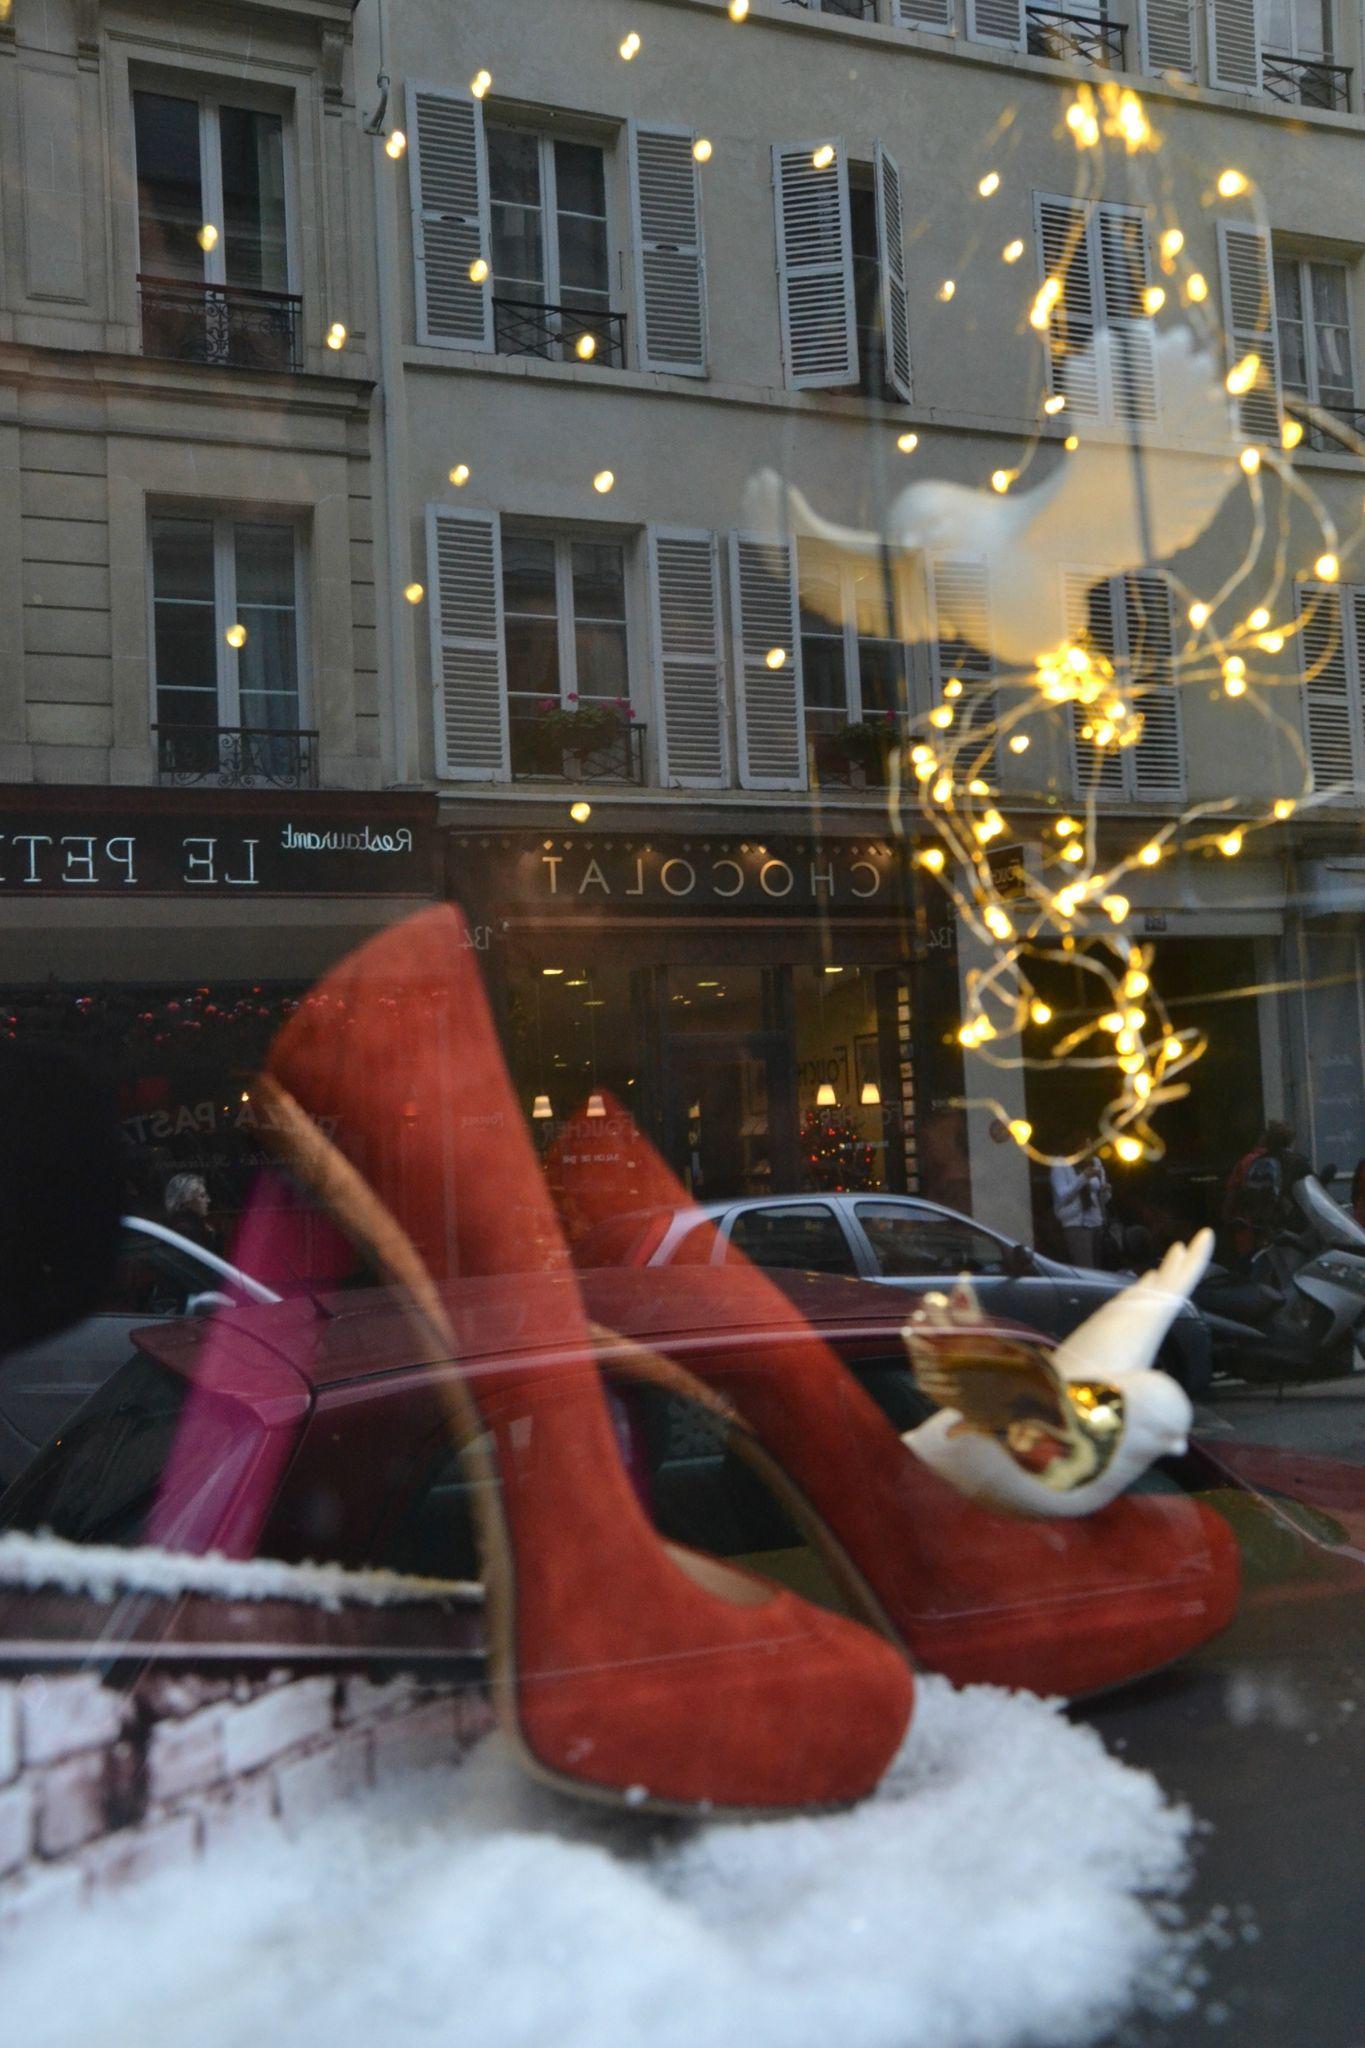 #9A8231 Noël Au Bon Marché Les Vitrines Food Coaching 5347 décorations de noel bon marché 1365x2048 px @ aertt.com